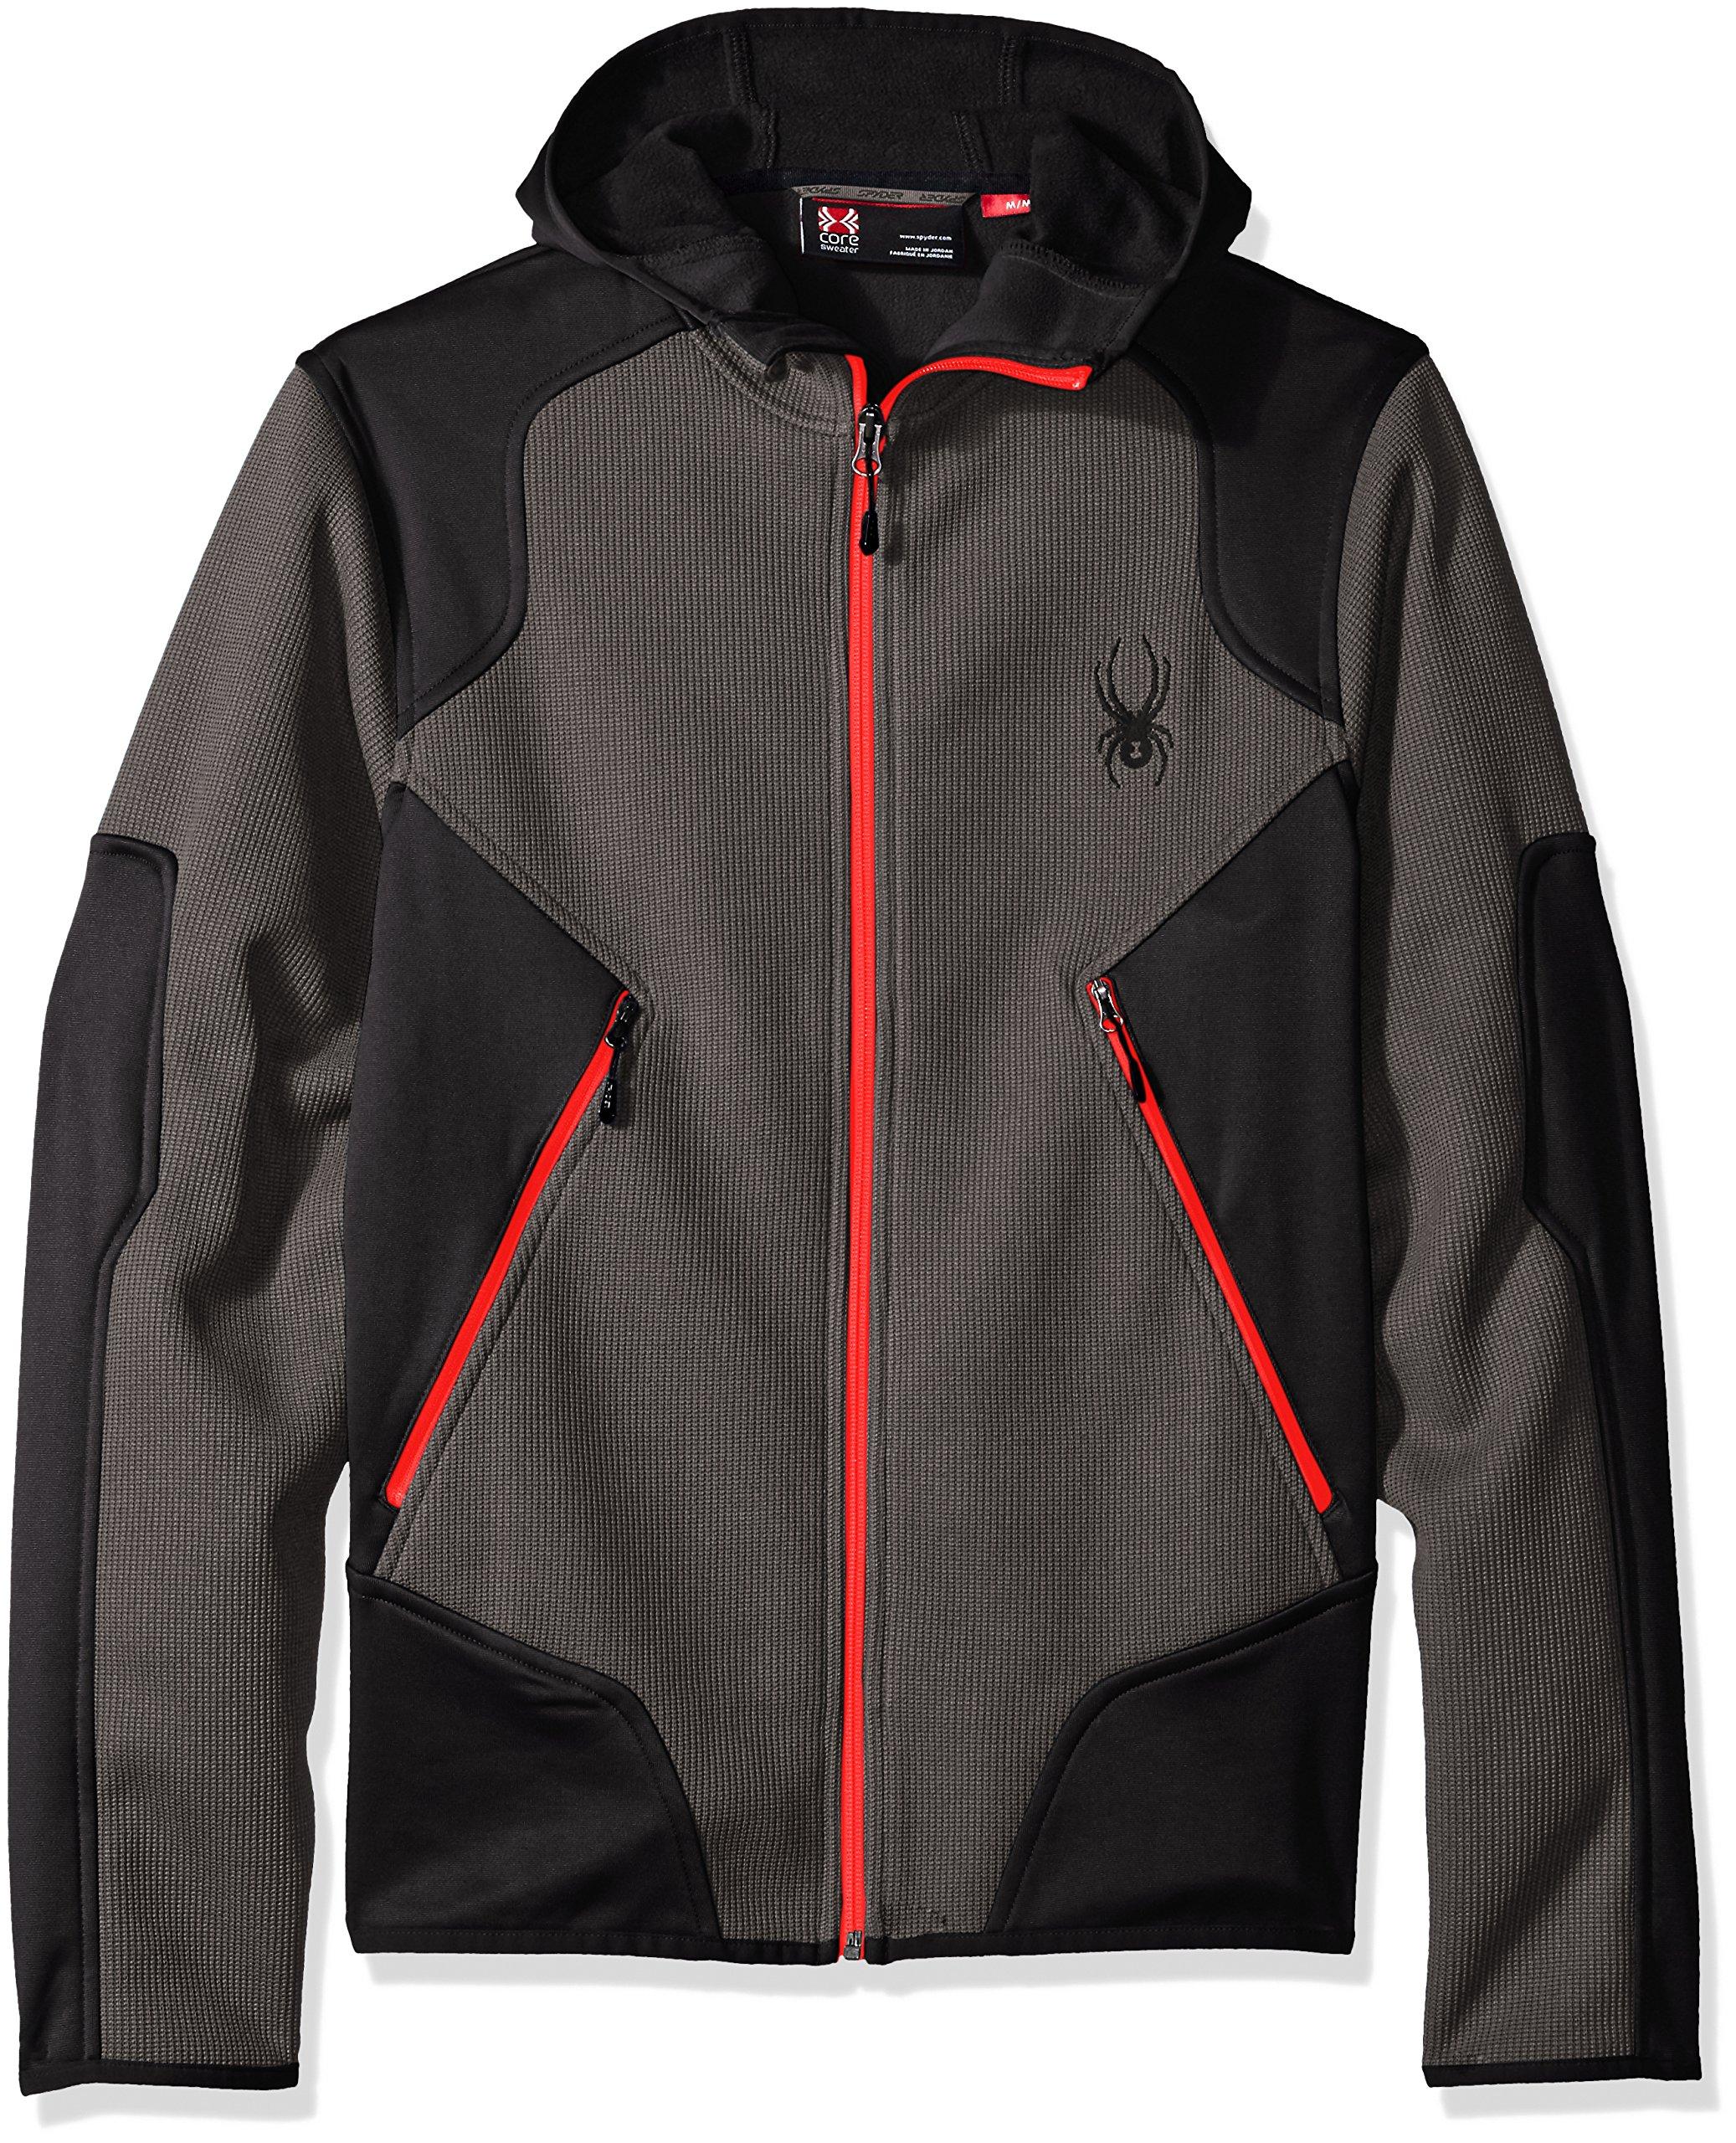 Spyder Men's Sanction Light Weight Stryke Fleece Hoody, Polar/Black/Red, Medium